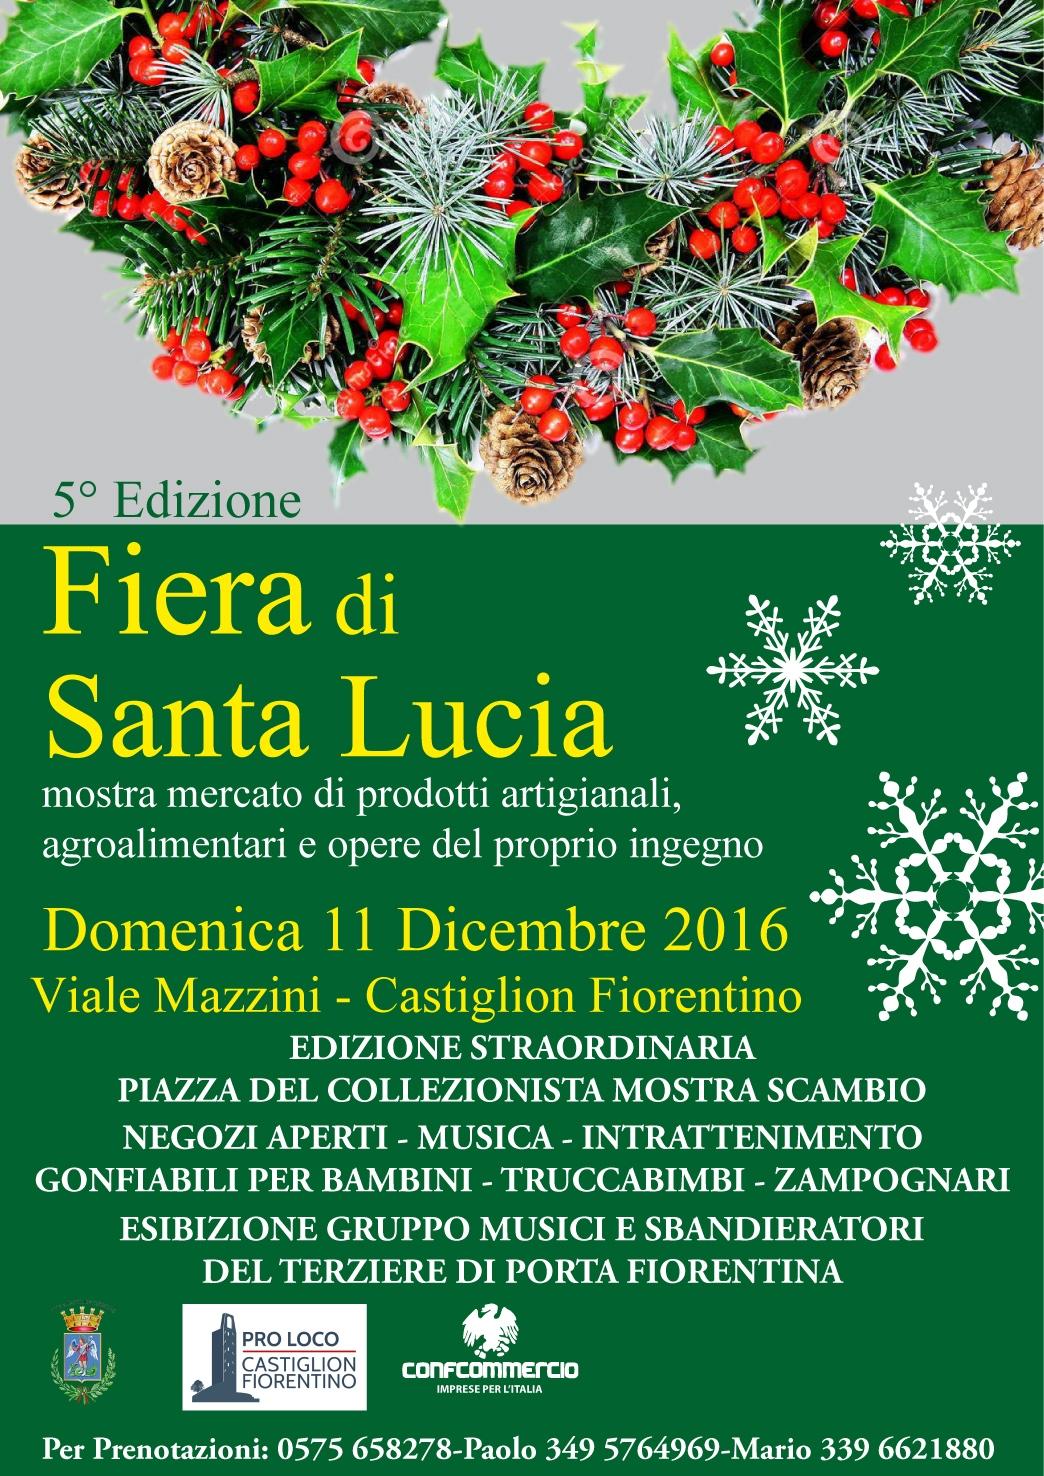 Fiera di Santa Lucia a Castiglion Fiorentino